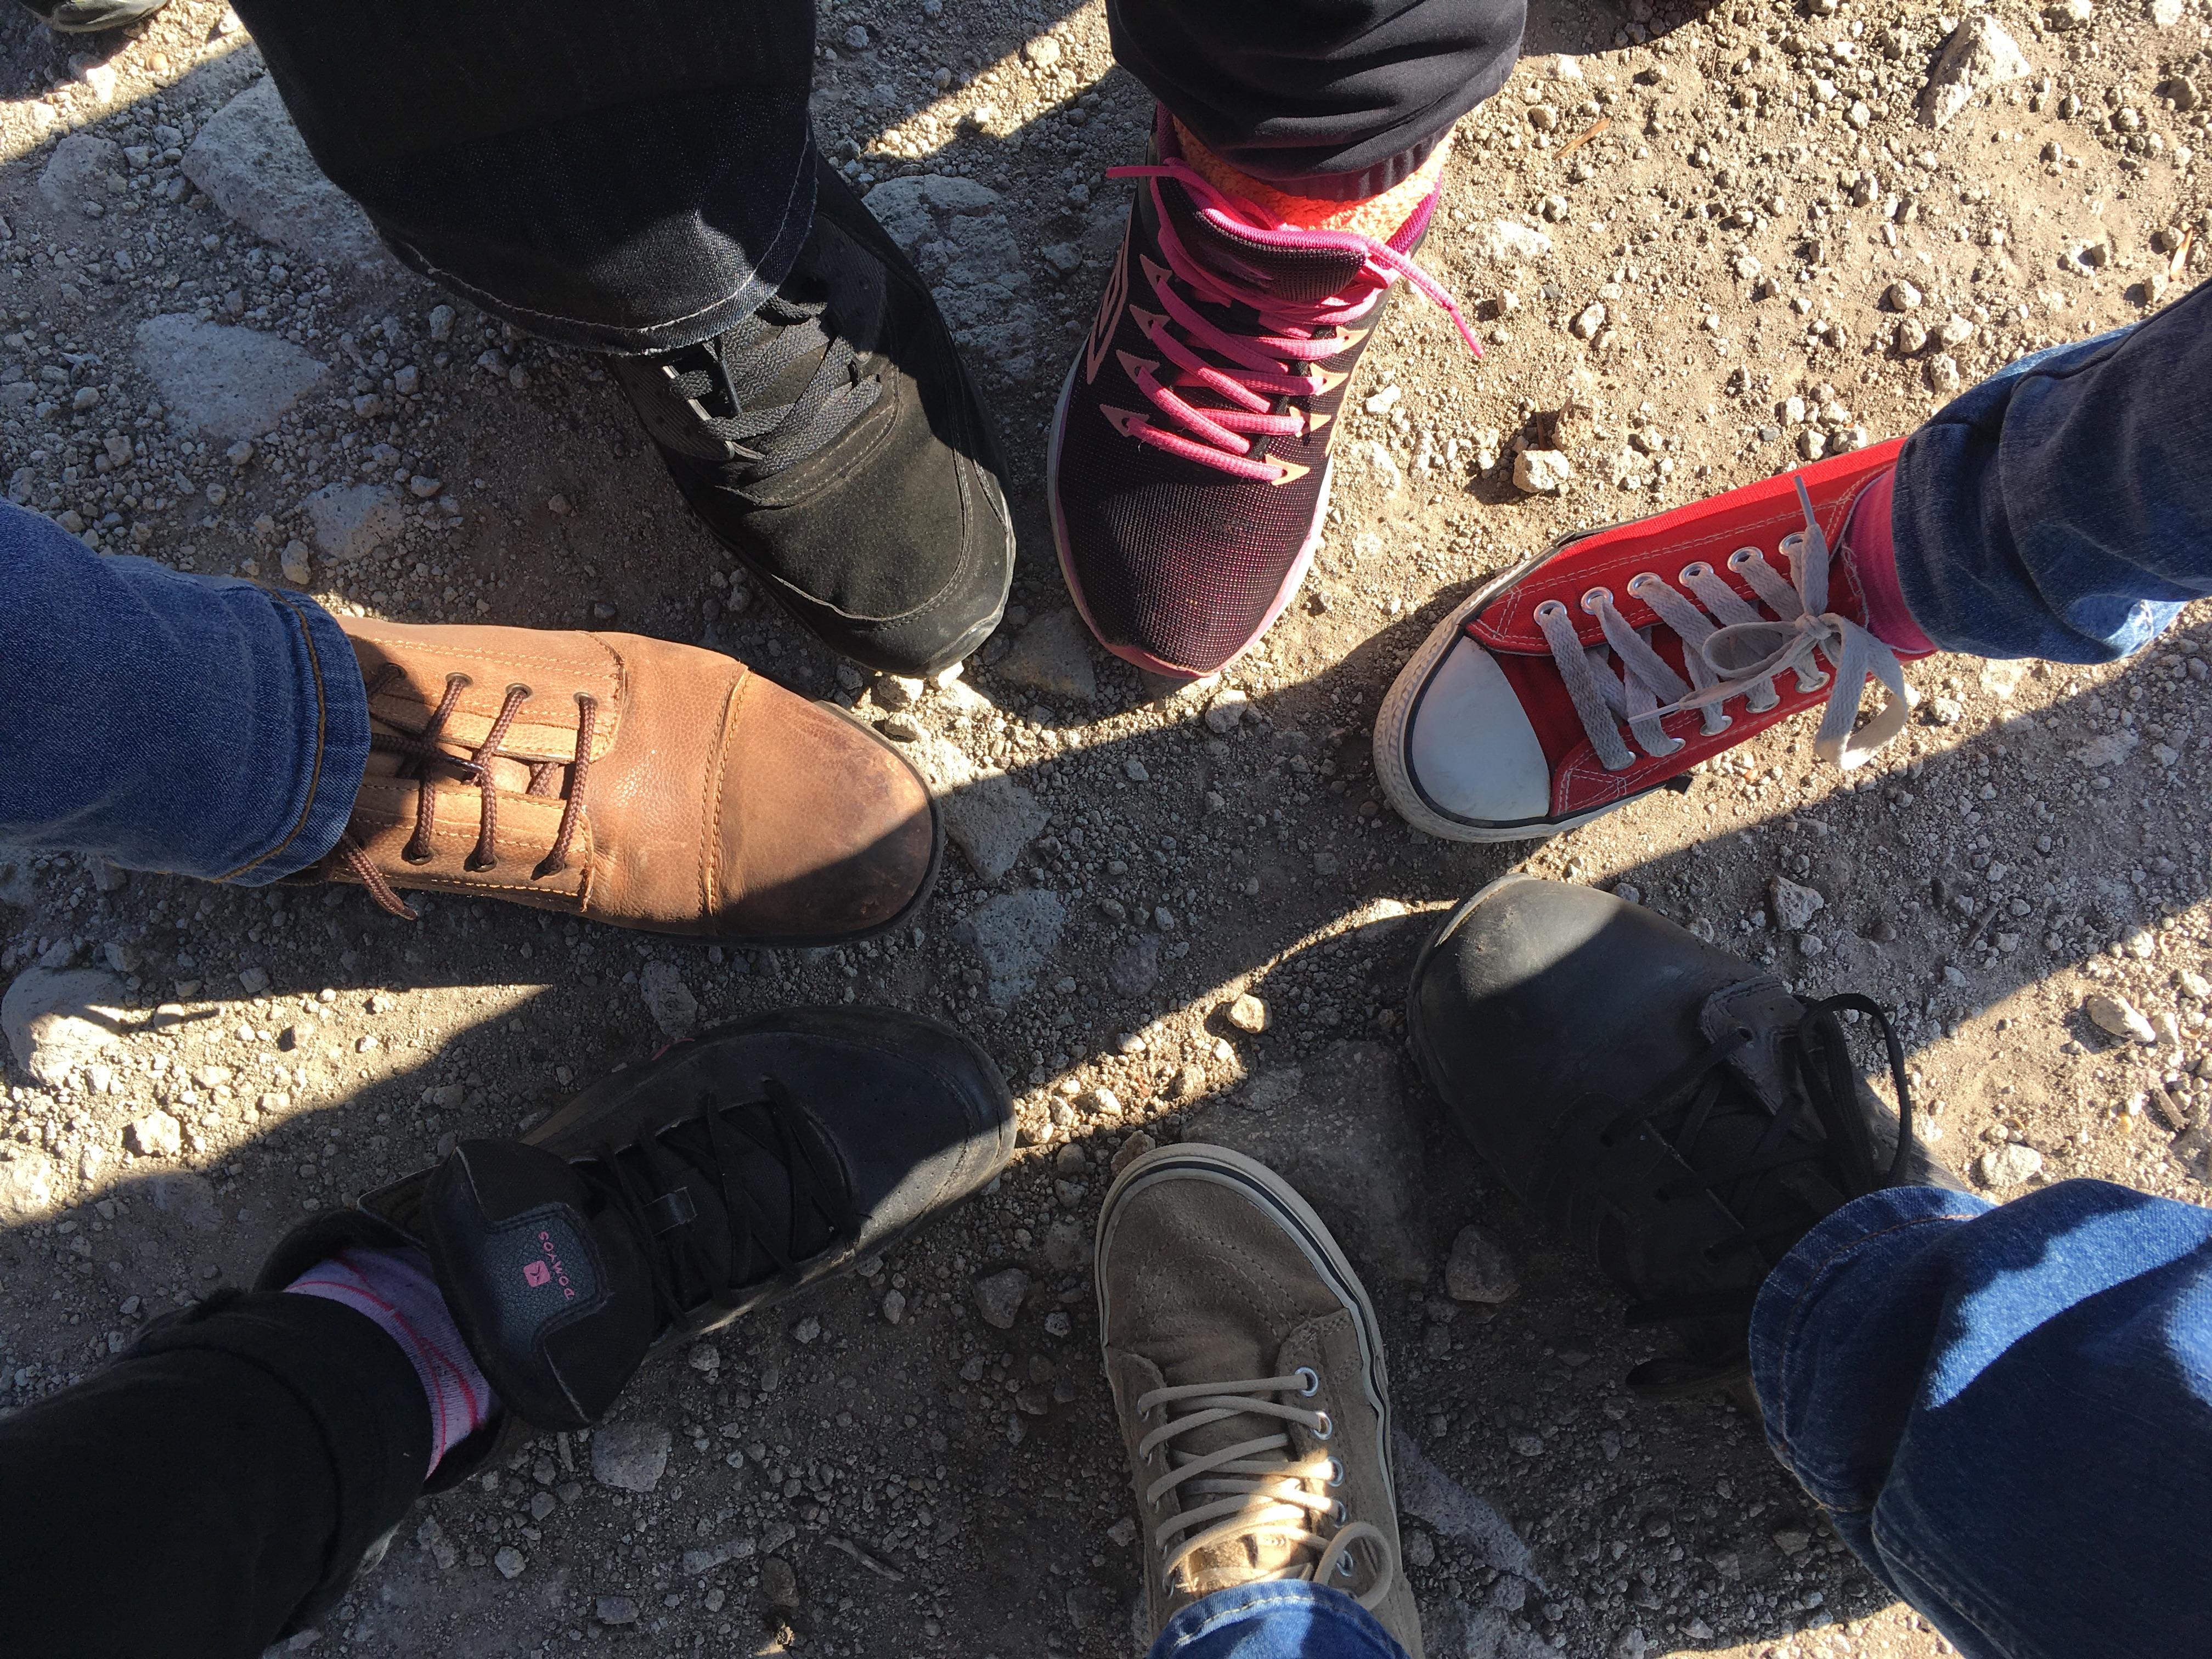 A Nememind1 Közösség pár tagja elvitte lelkét a Pilisbe, a Föld szívéhez. Lábnyomainkat pedig örökre ott hagytuk.